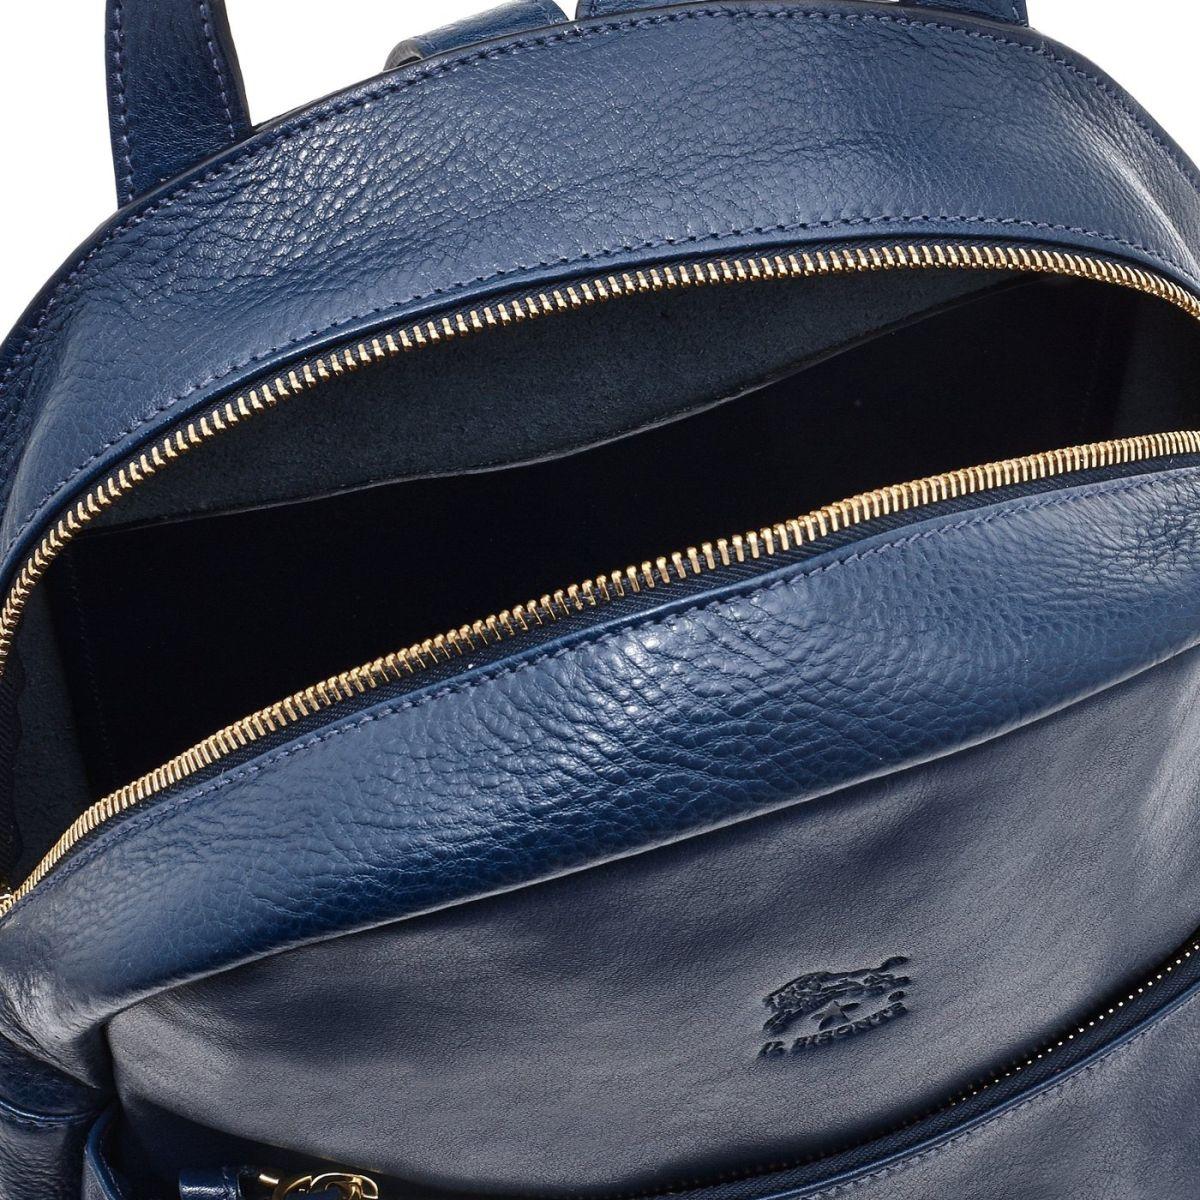 Sac A Dos pour Femme Lungarno en Cuir De Vachette Doublé BBA017 couleur Bleu | Details